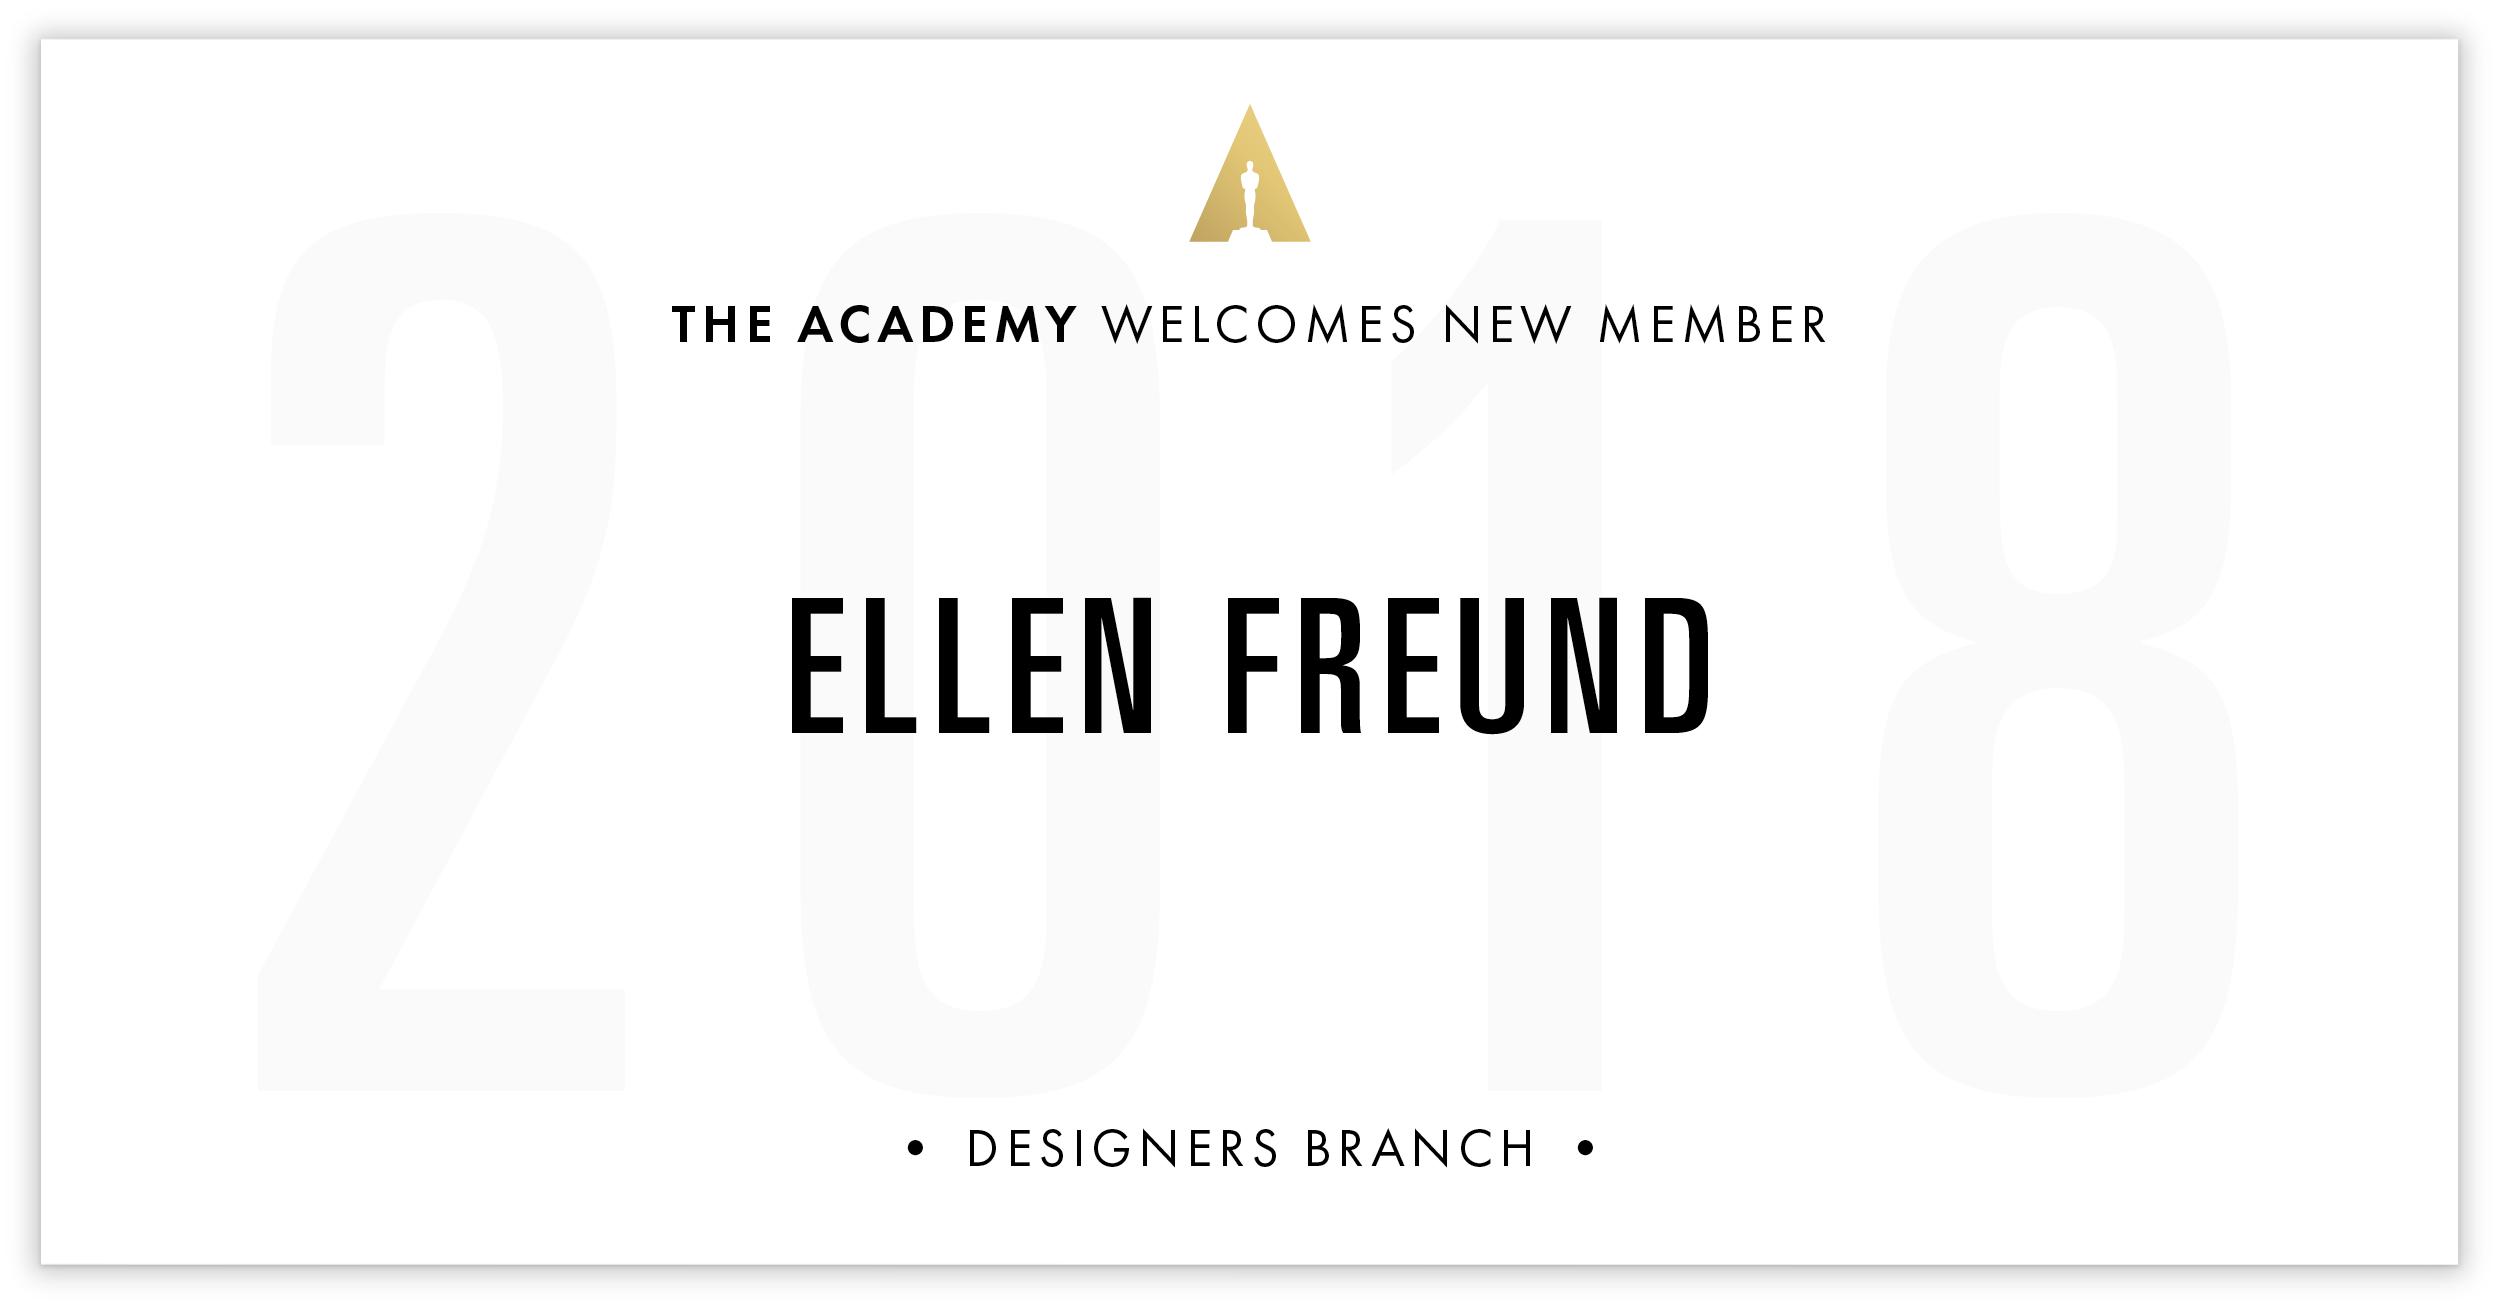 Ellen Freund is invited!